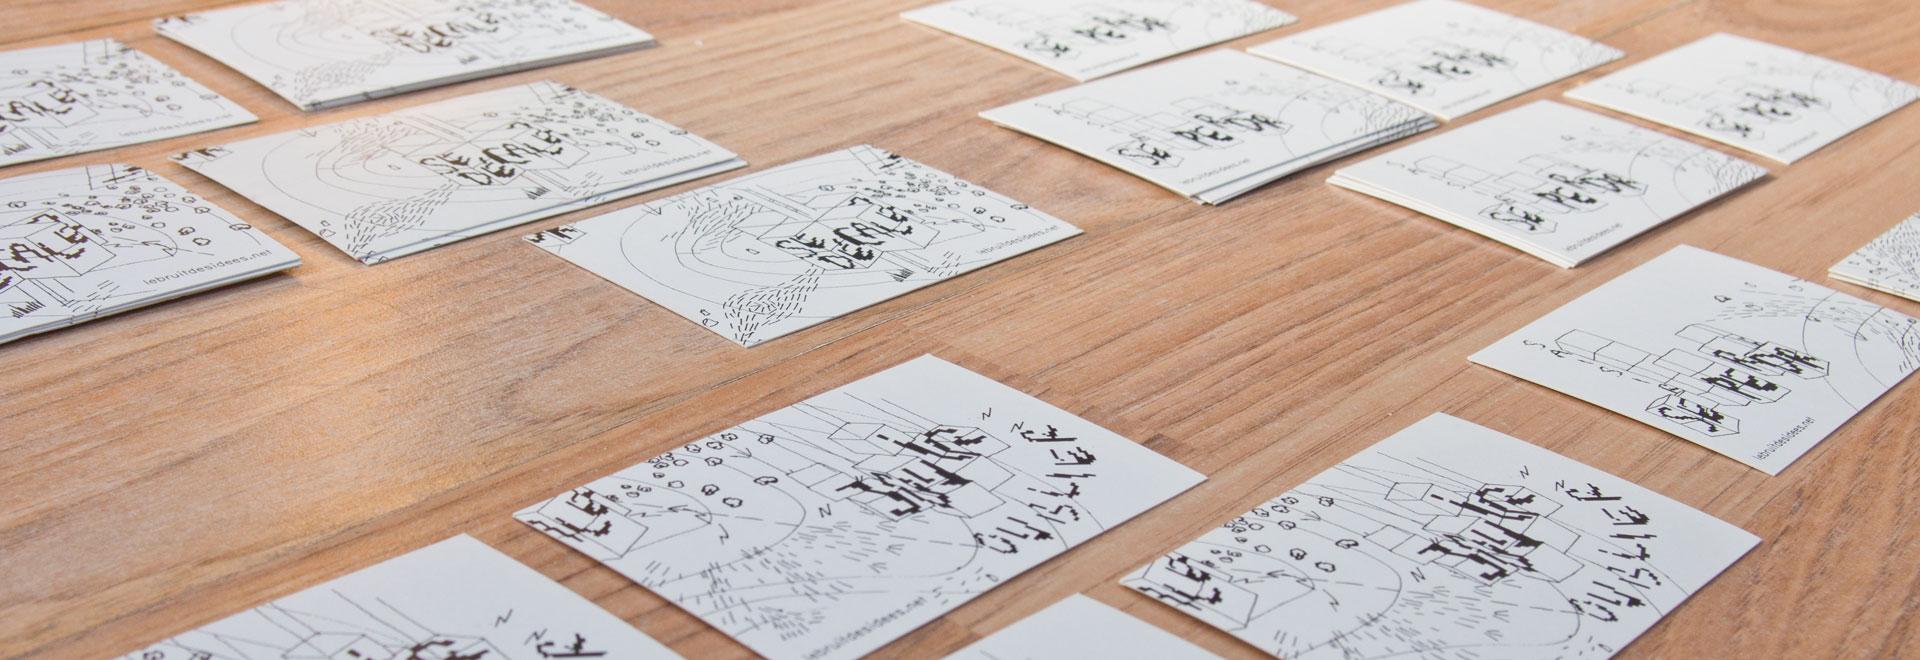 Festival-Chaumont-3-Cartes-typo-graphique-1